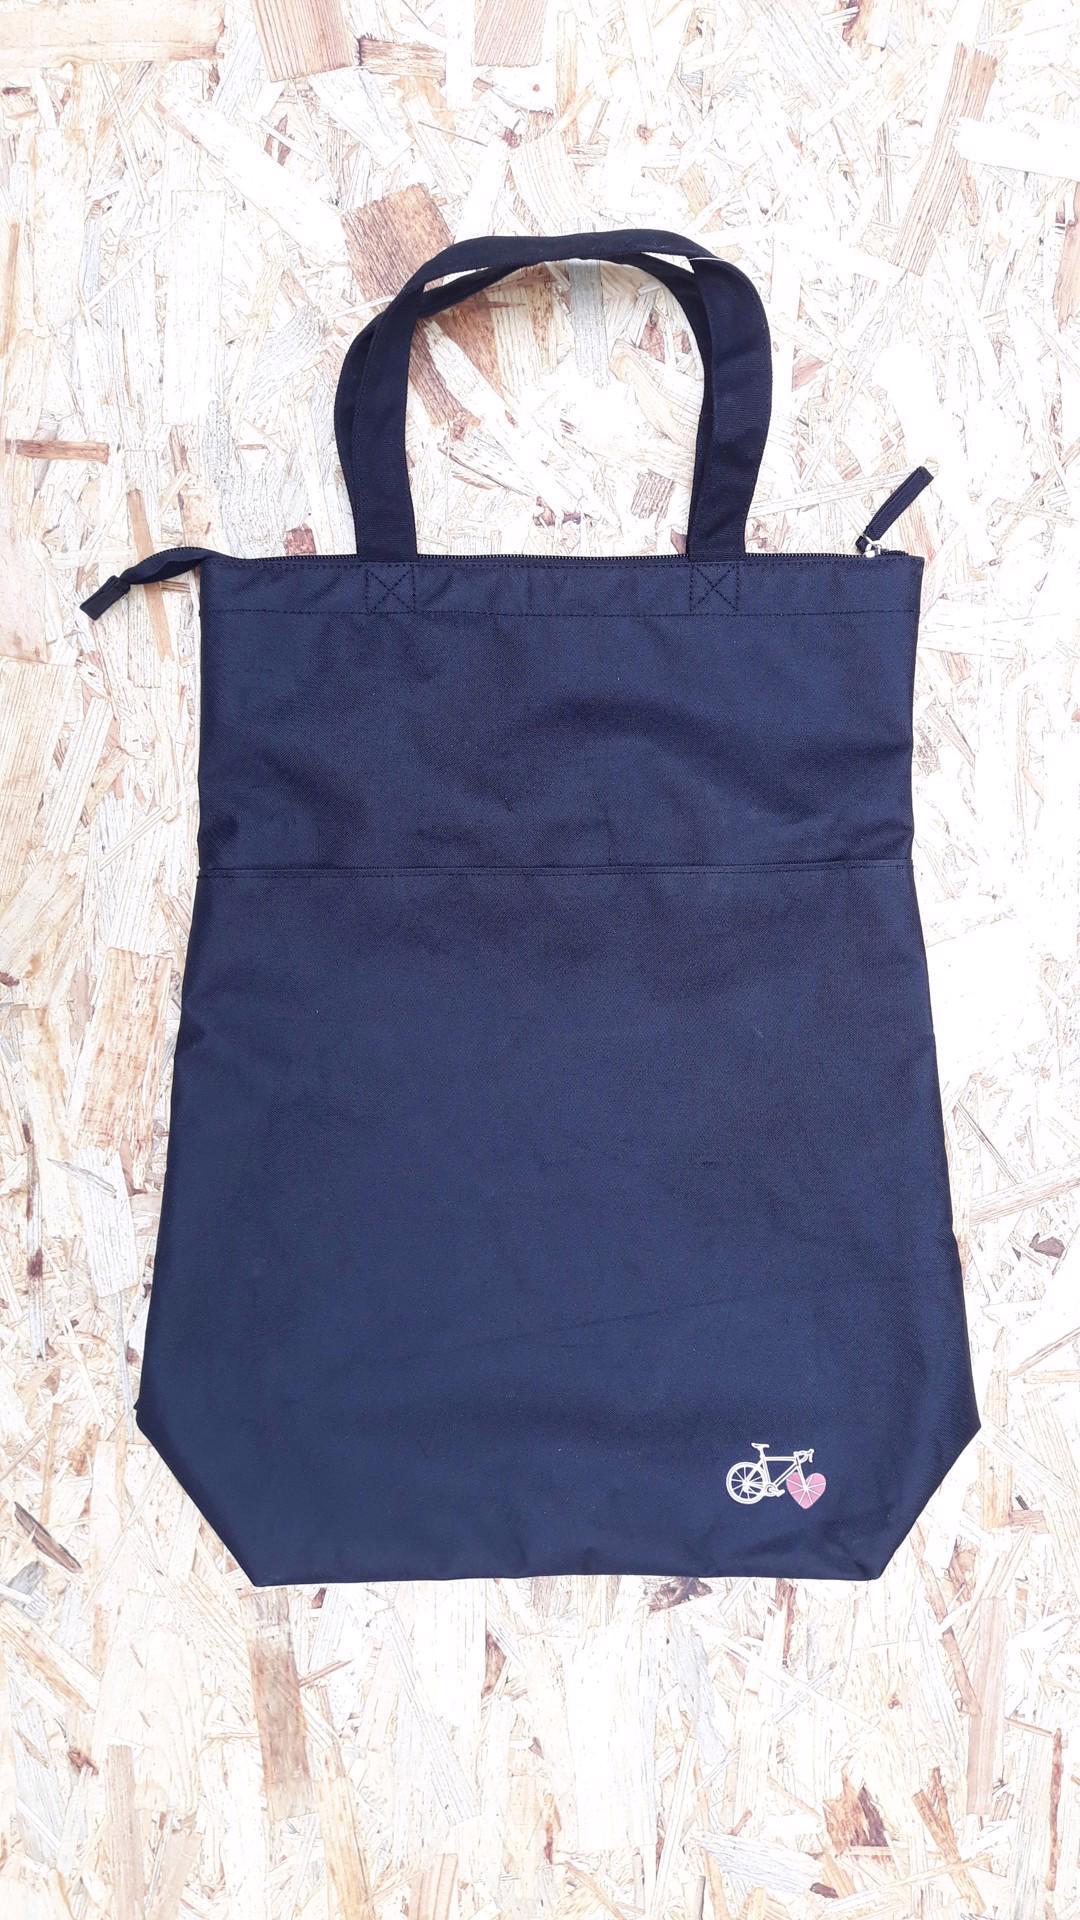 Cyklistická taška / brašna se závěsem, uchy a zipem. - foto 1